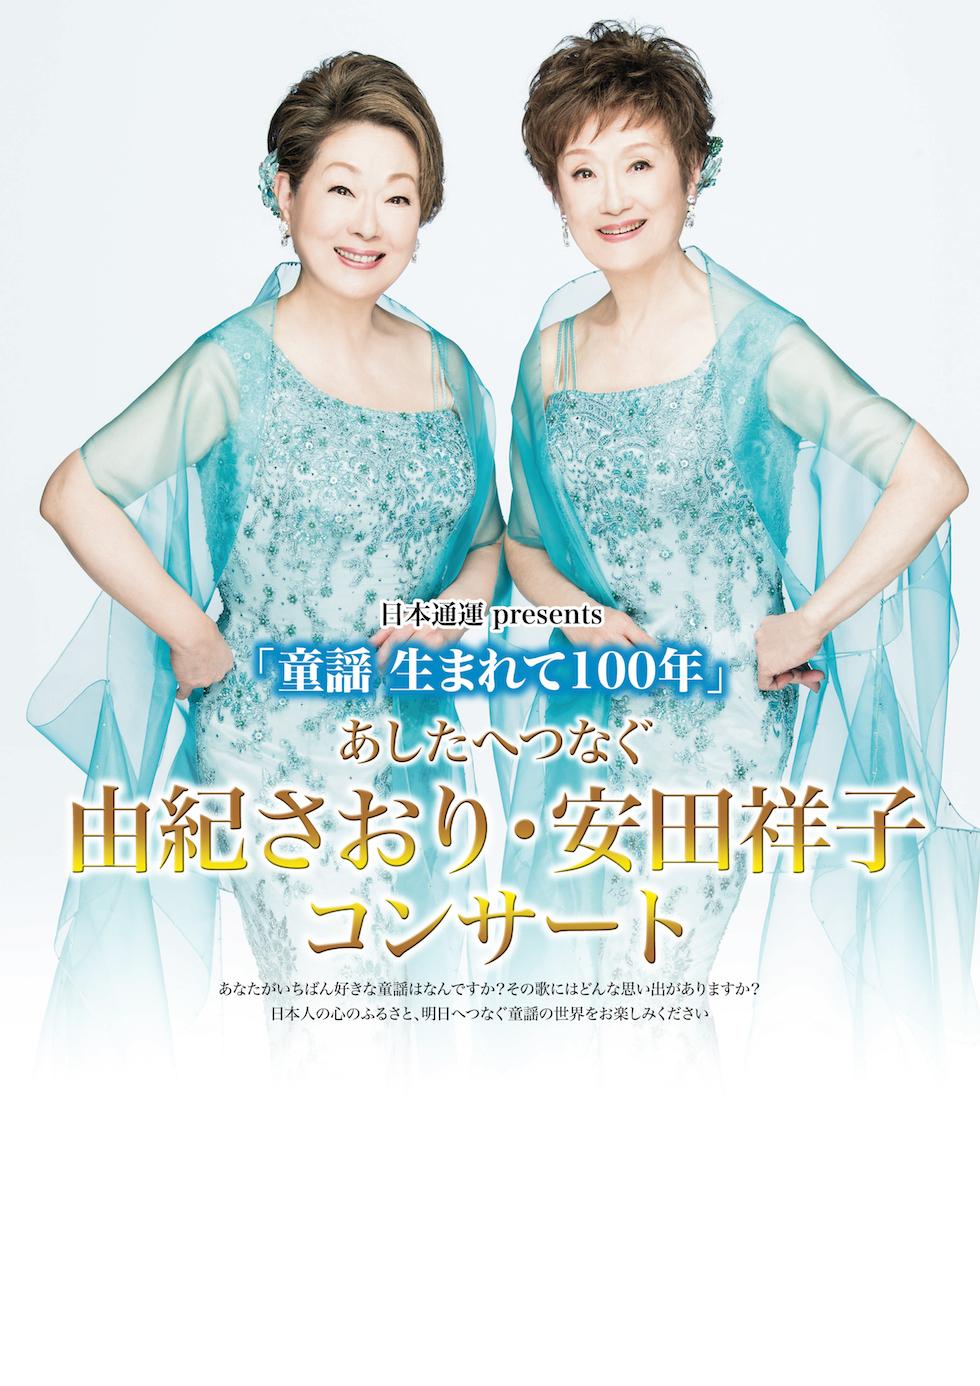 日本通運 presents 「童謡 生まれて100年」あしたへつなぐ 由紀さおり・安田祥子 コンサート